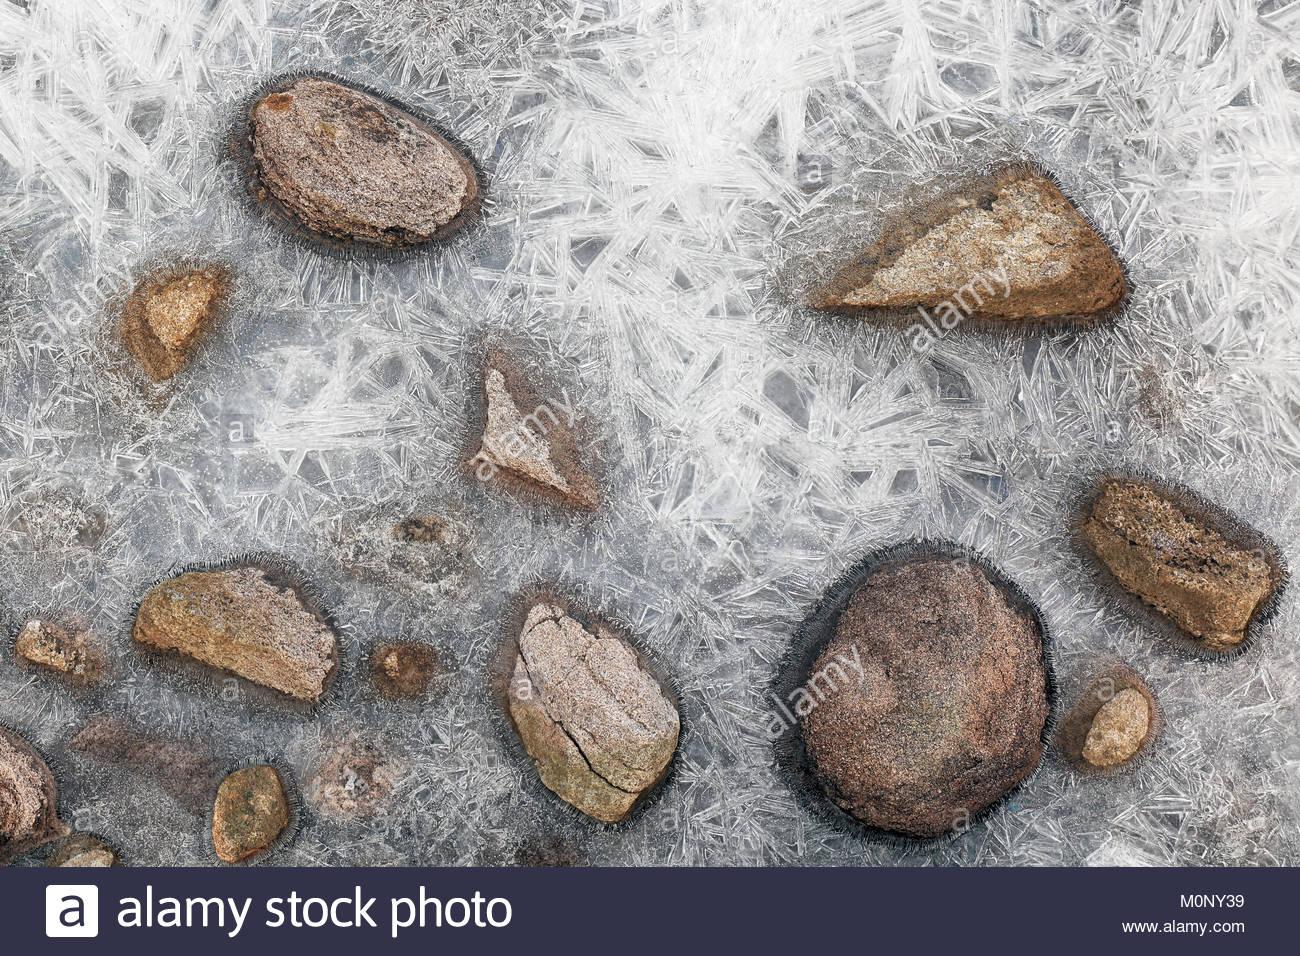 Las rocas congeladas en un cuerpo cubierto de hielo de agua. Foto de stock